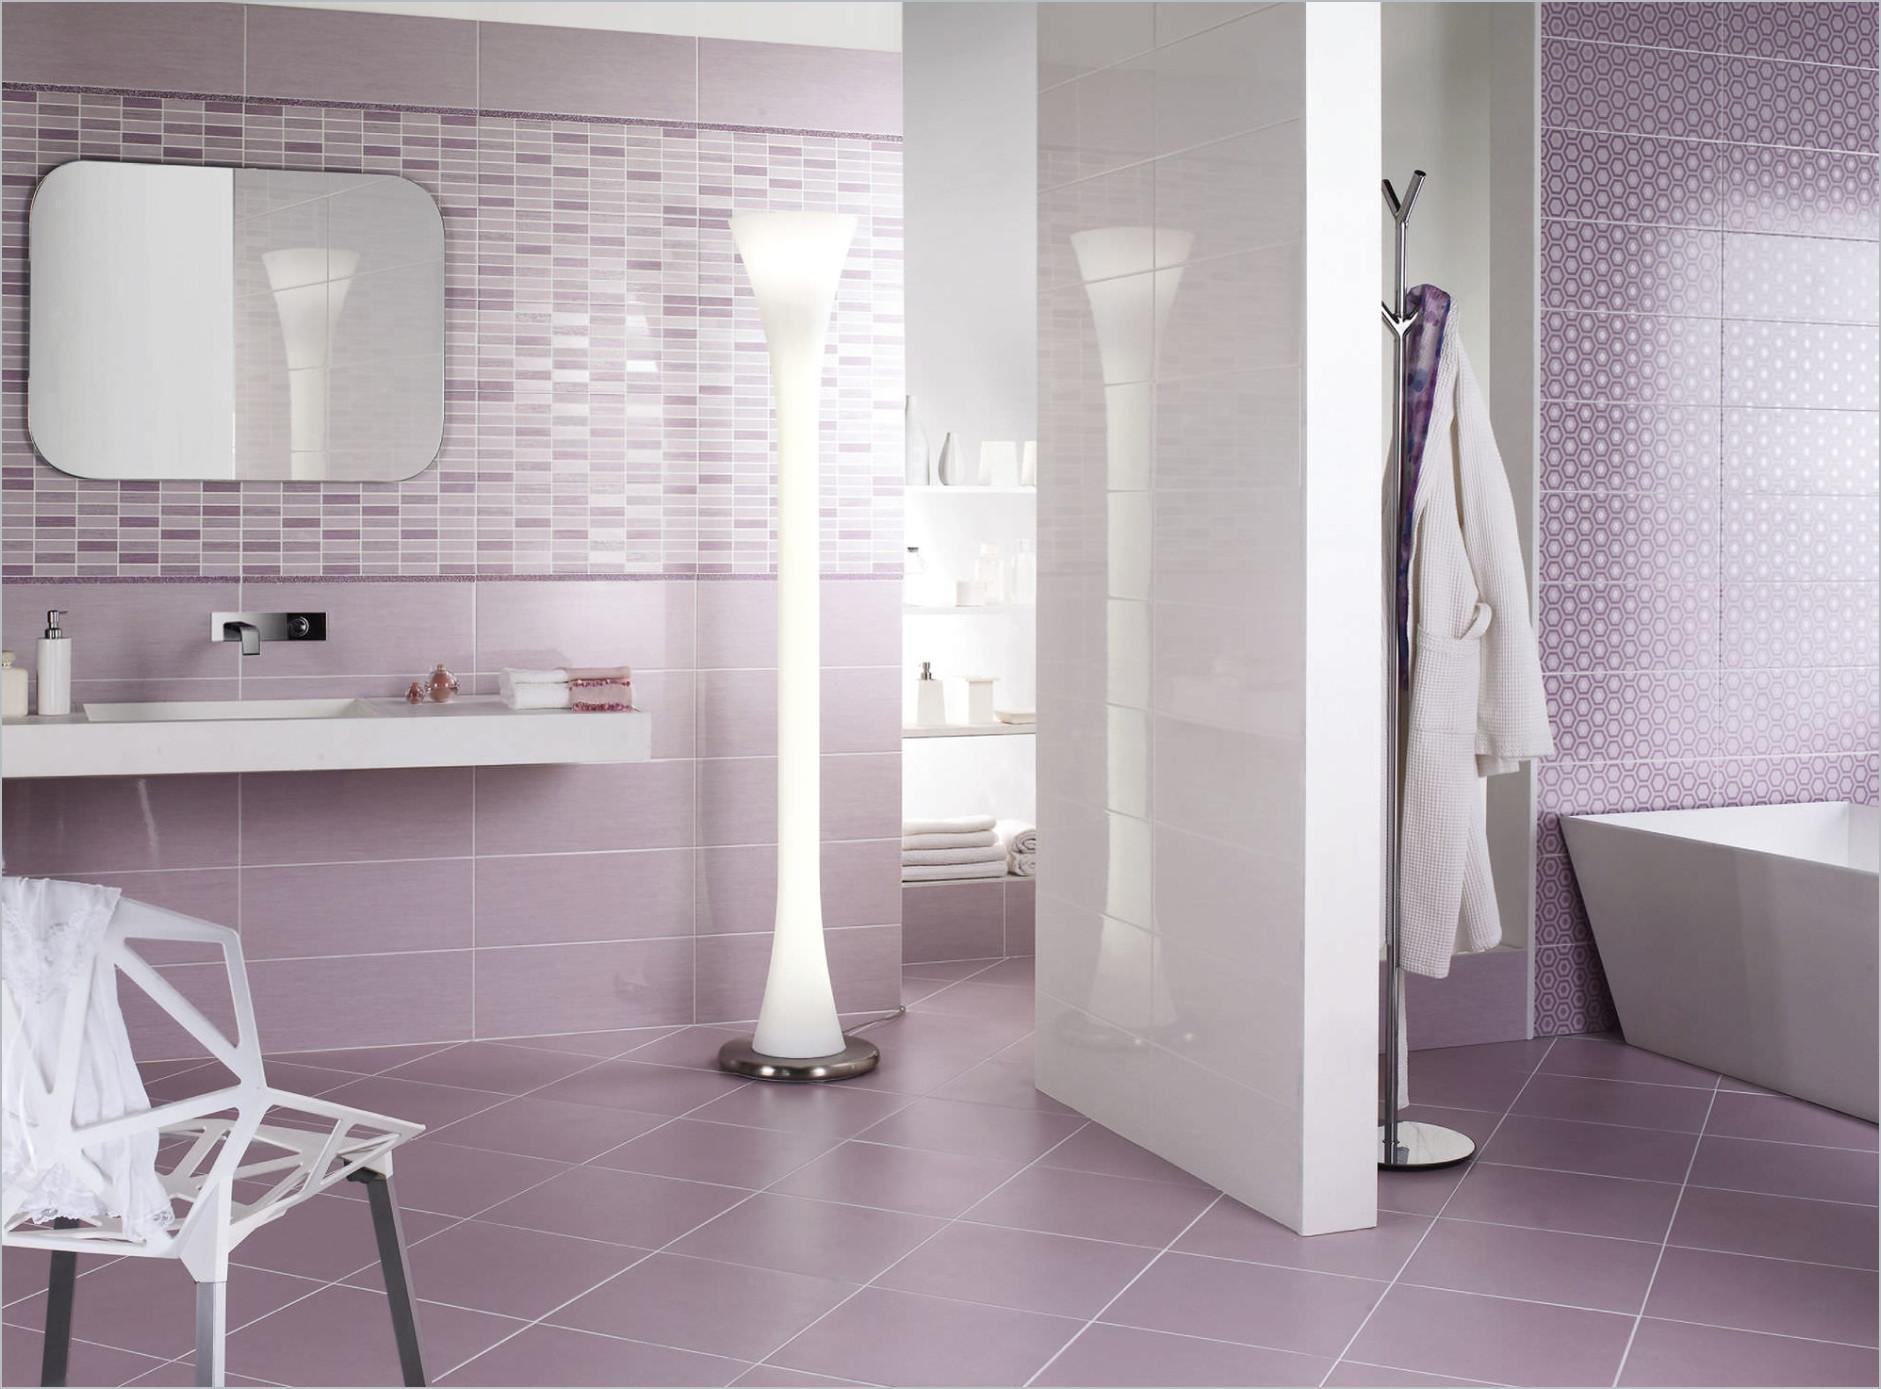 Corak mozek bilik air diagonal